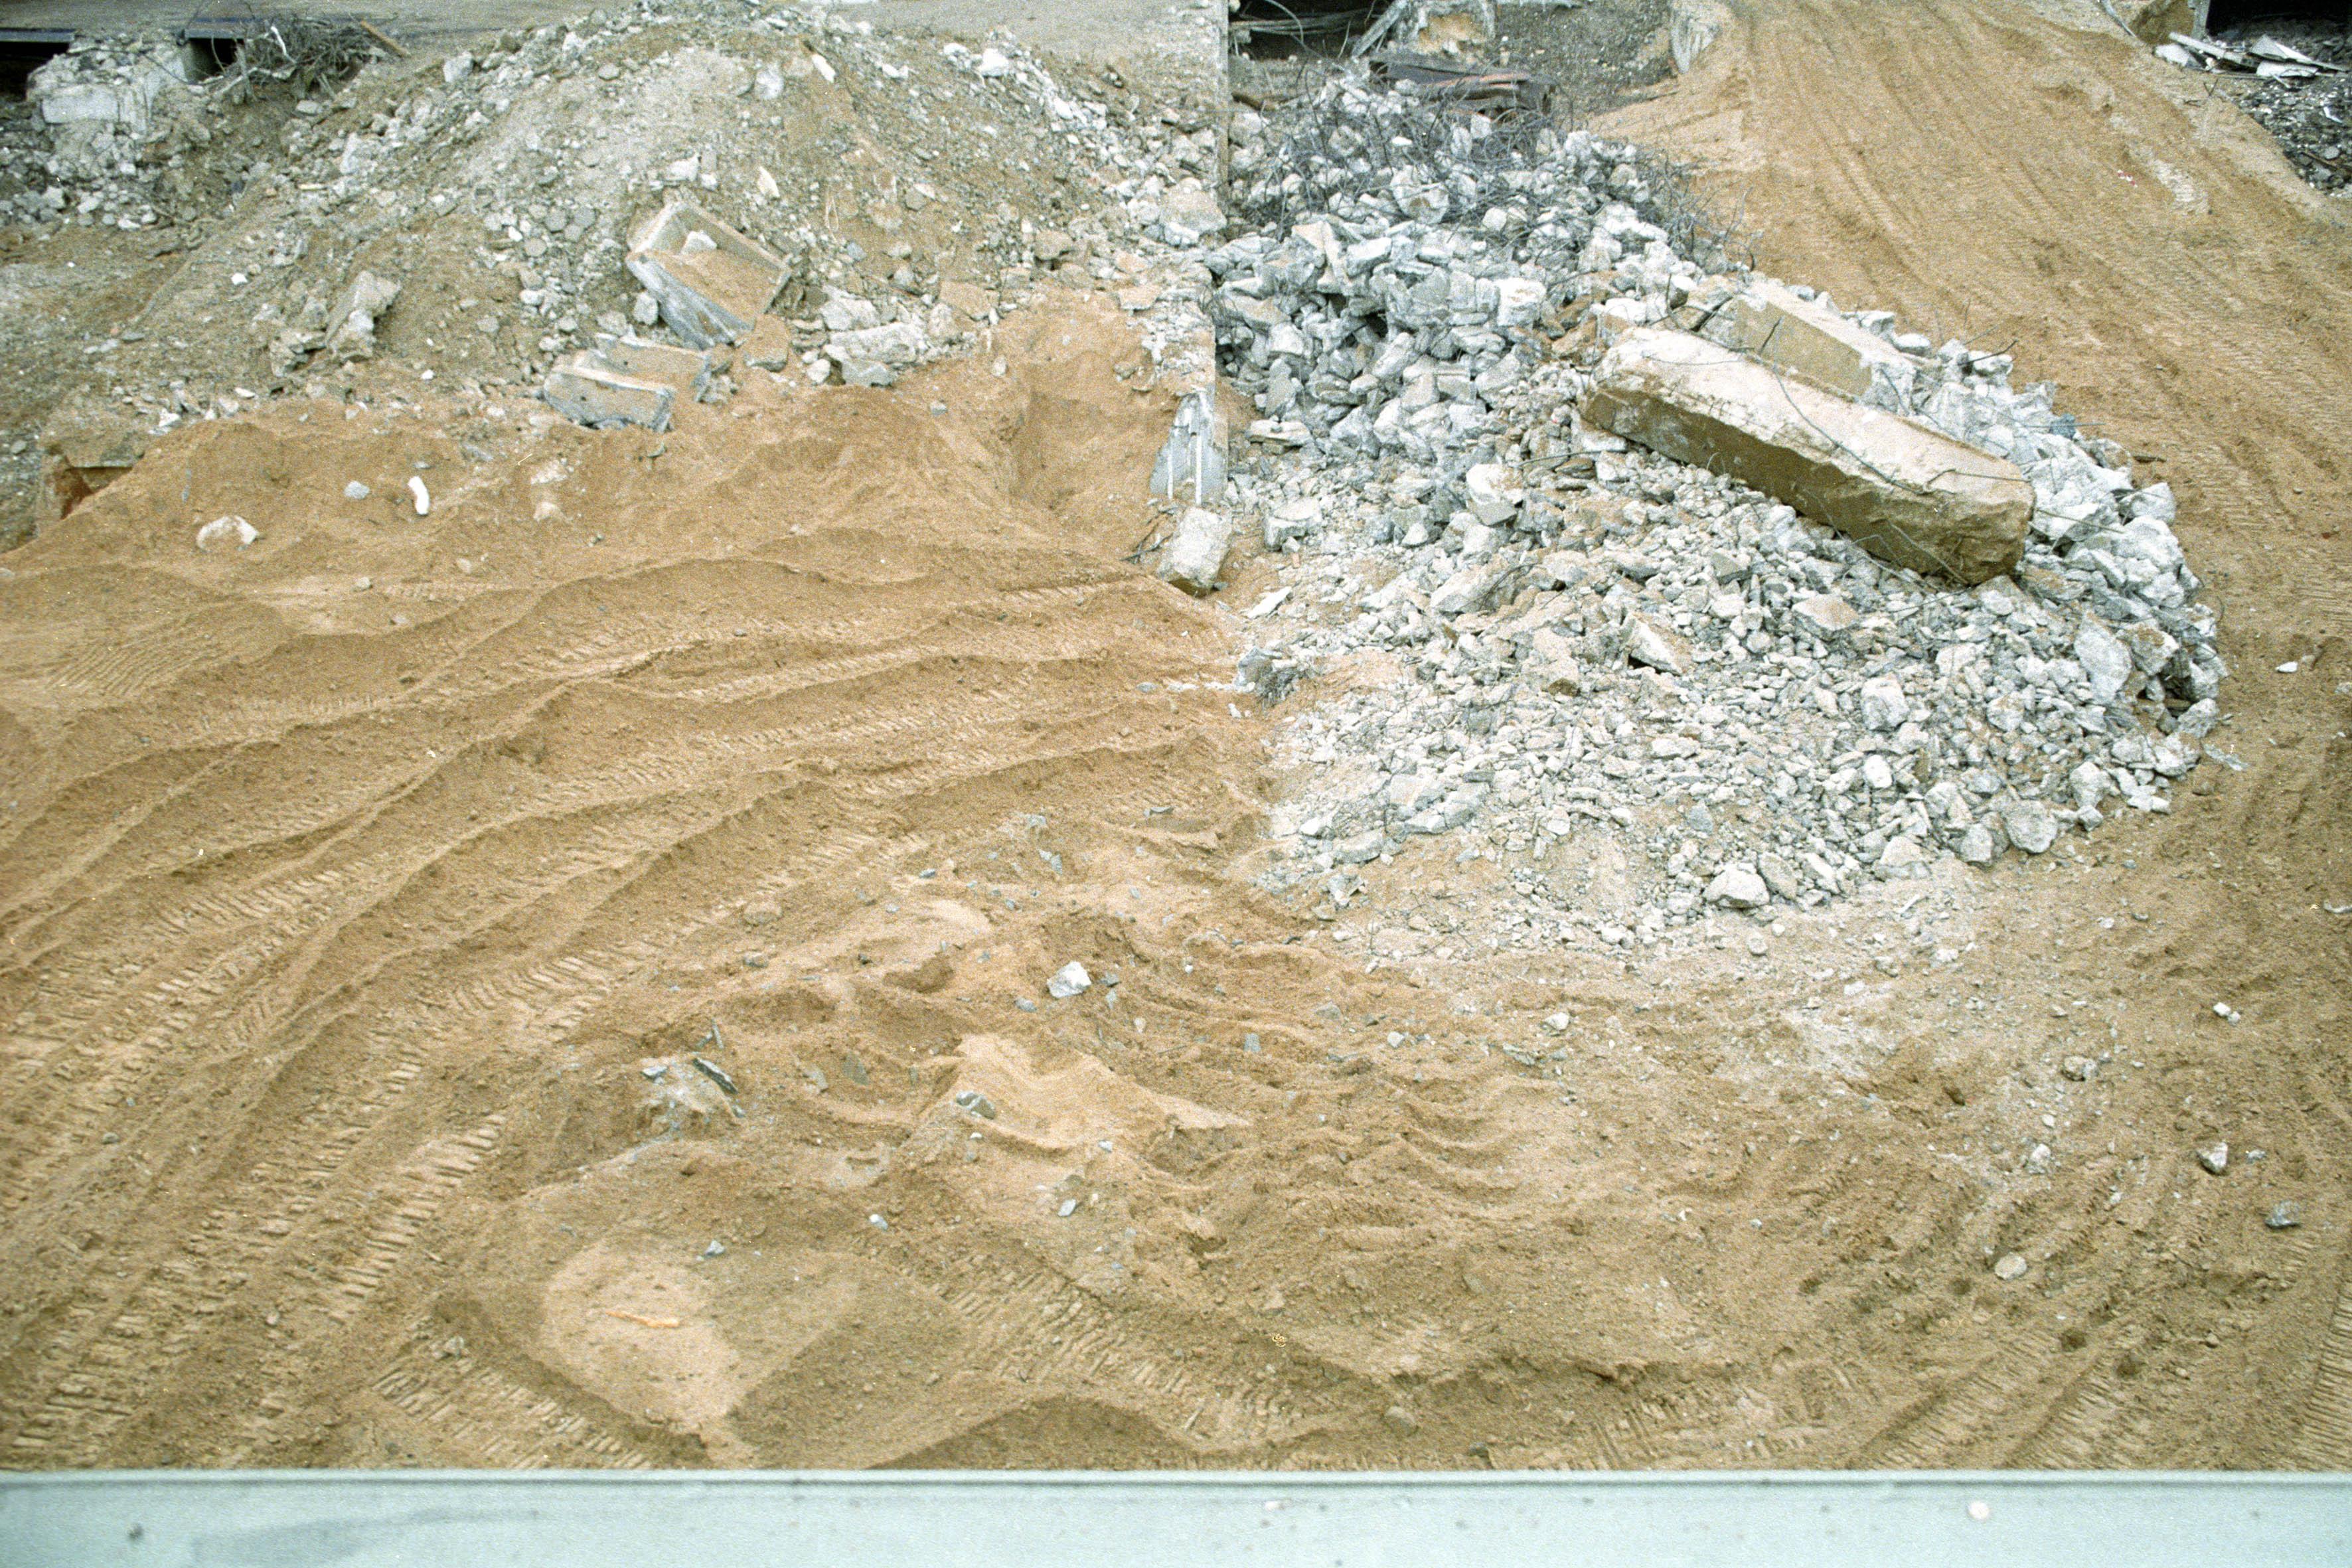 Sandgekreusel.jpg